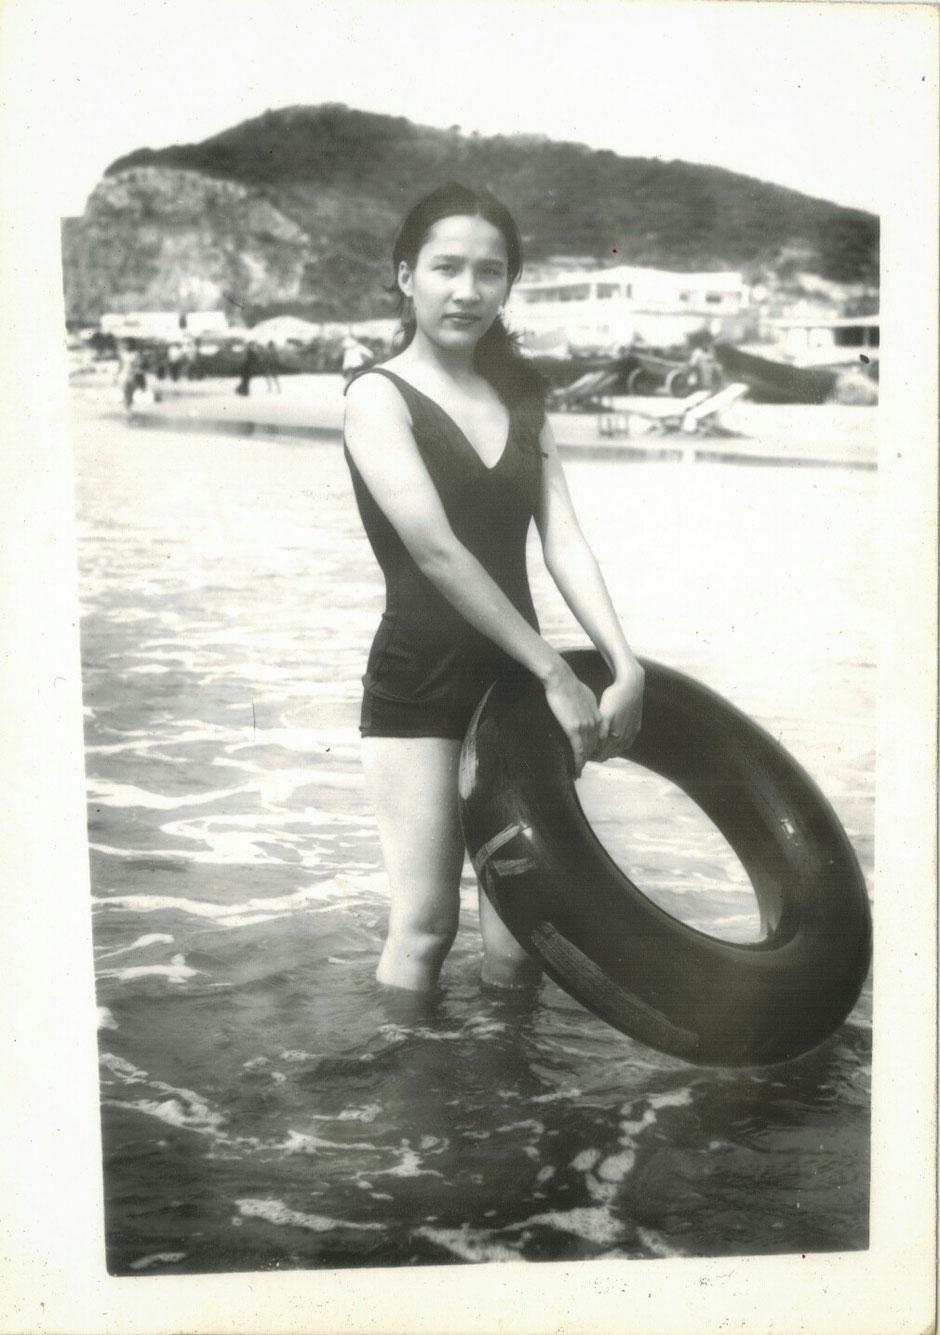 Vung Tau - niemals Winter – Ly und Heiko vom Viethouse in Vietnam - Sommer 1976 – Ly am Thuy-Van-Strand von Vung Tau – schwarz weiß – s/w Foto